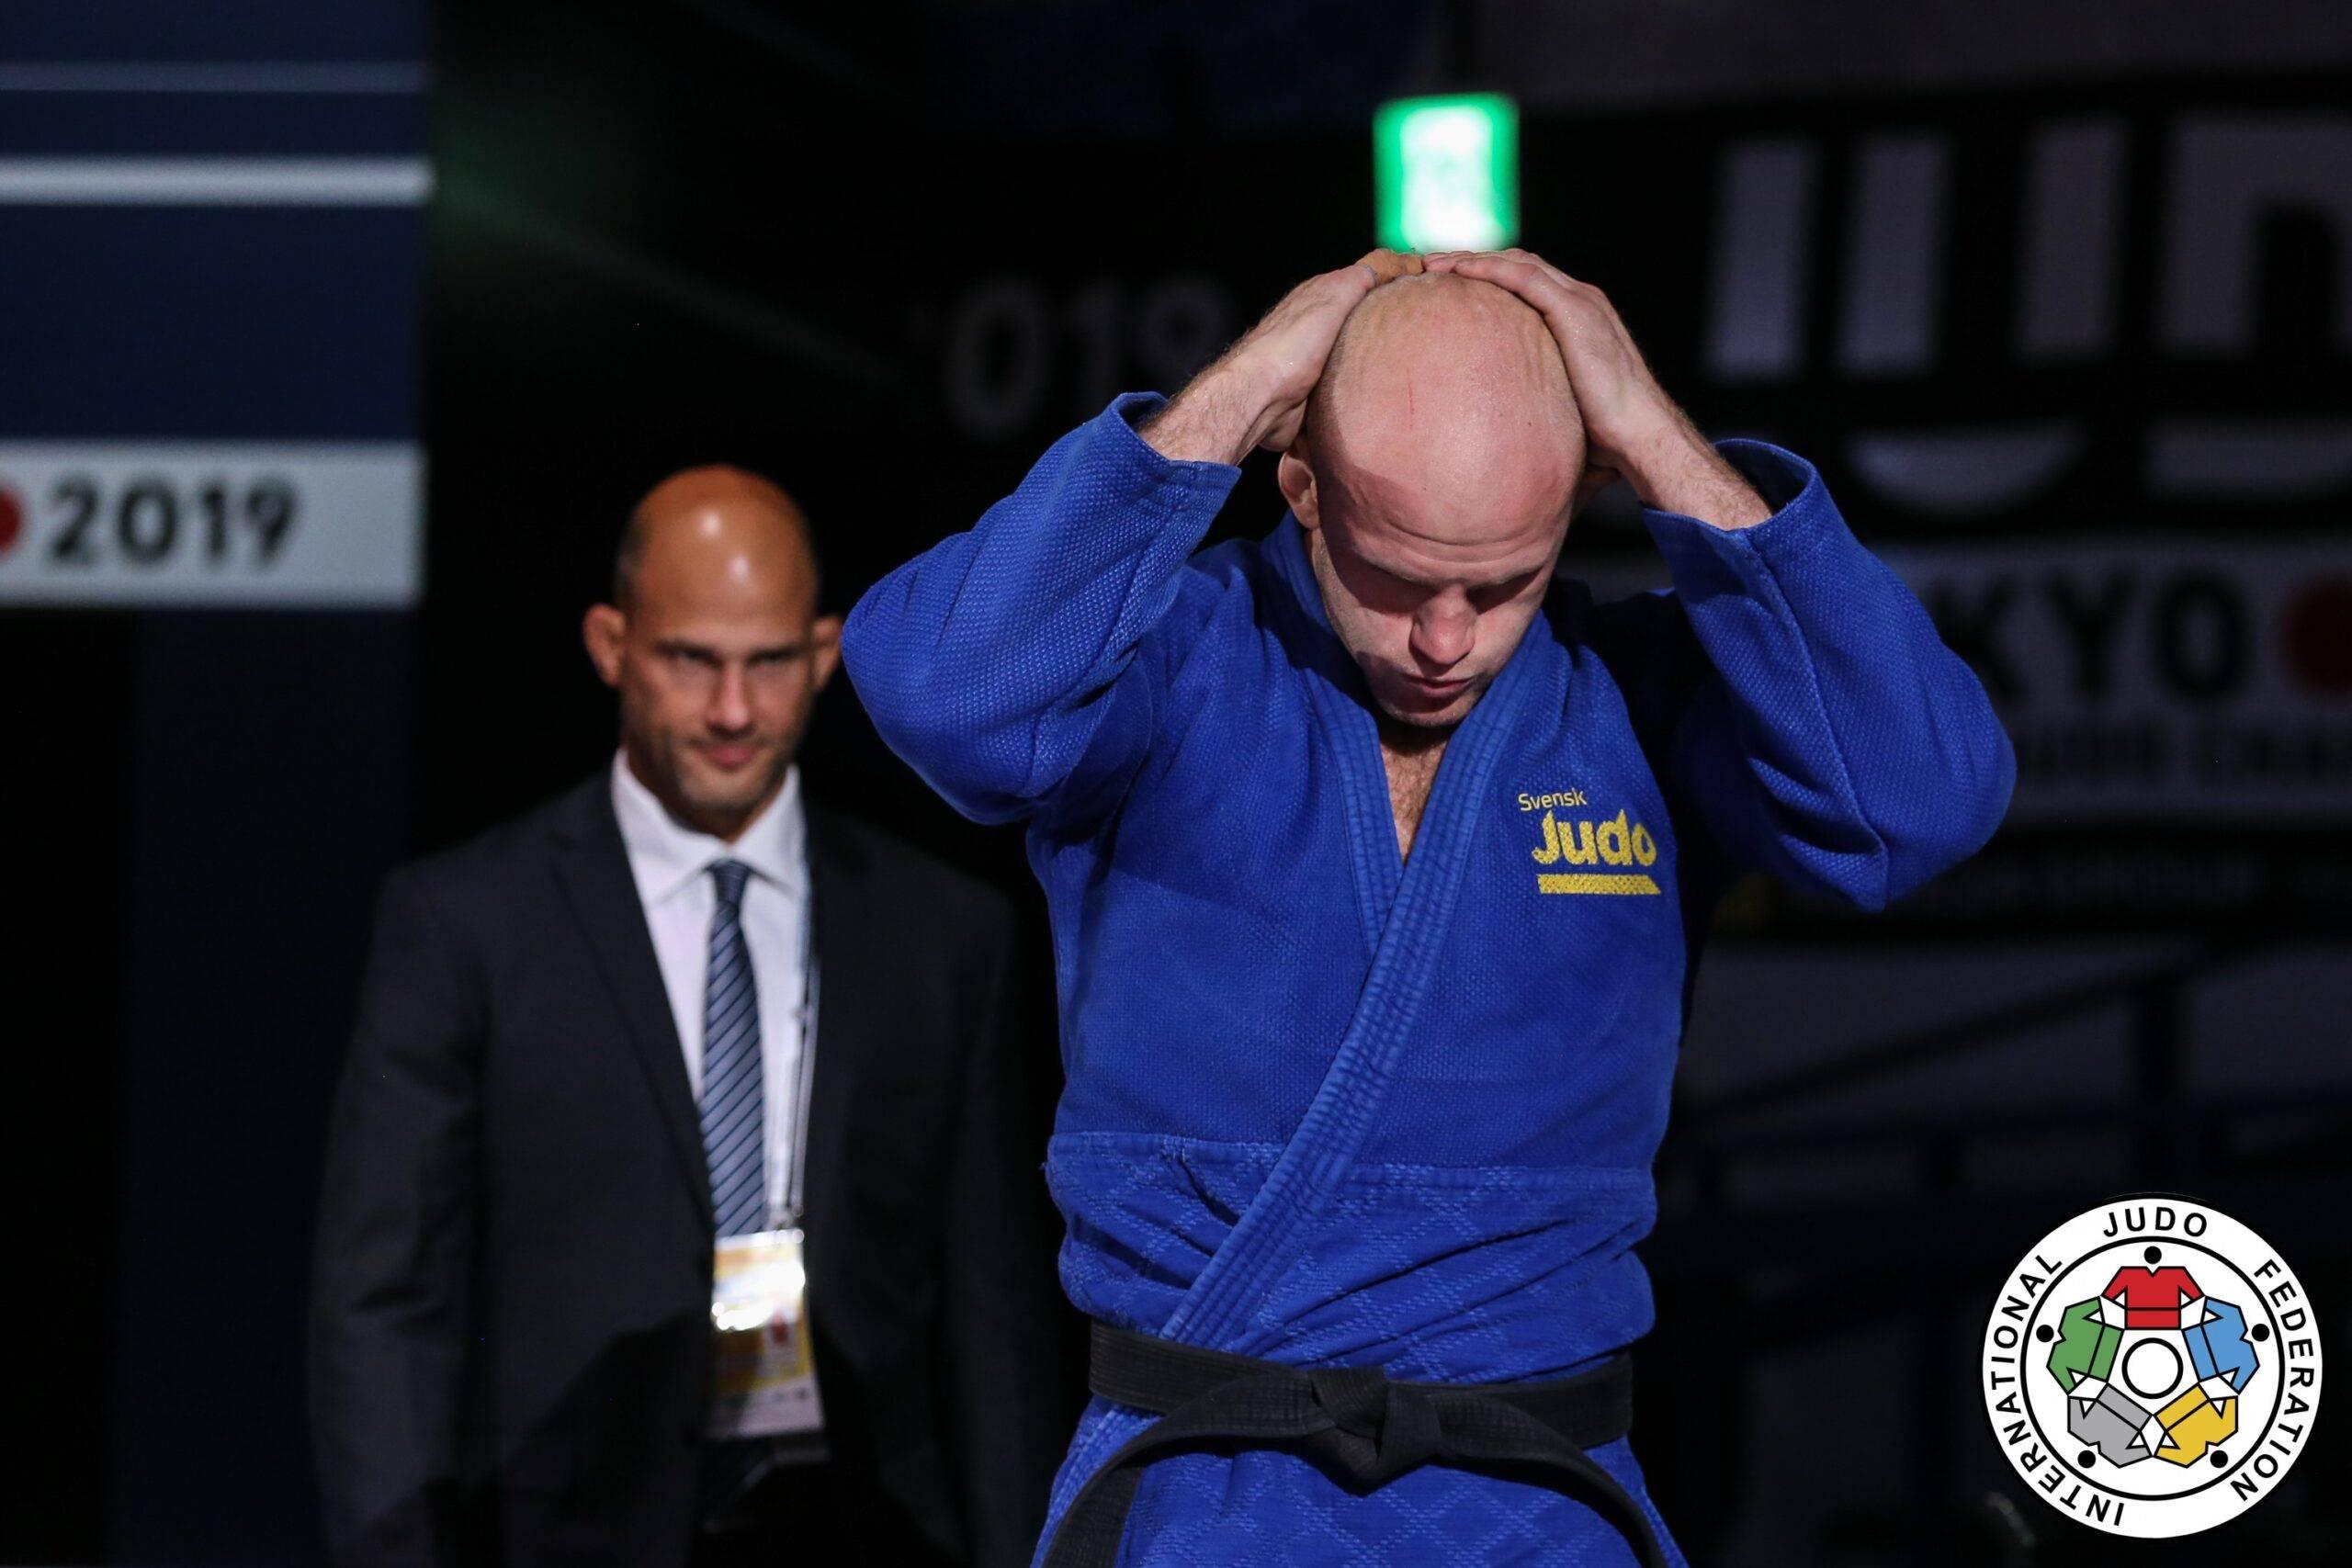 Marcus Nyman i blå judodräkt går in på arenan. Tittar ner och håller båda händer knäppta bakom huvudet. Landslagschef Robert Eriksson går bakom.